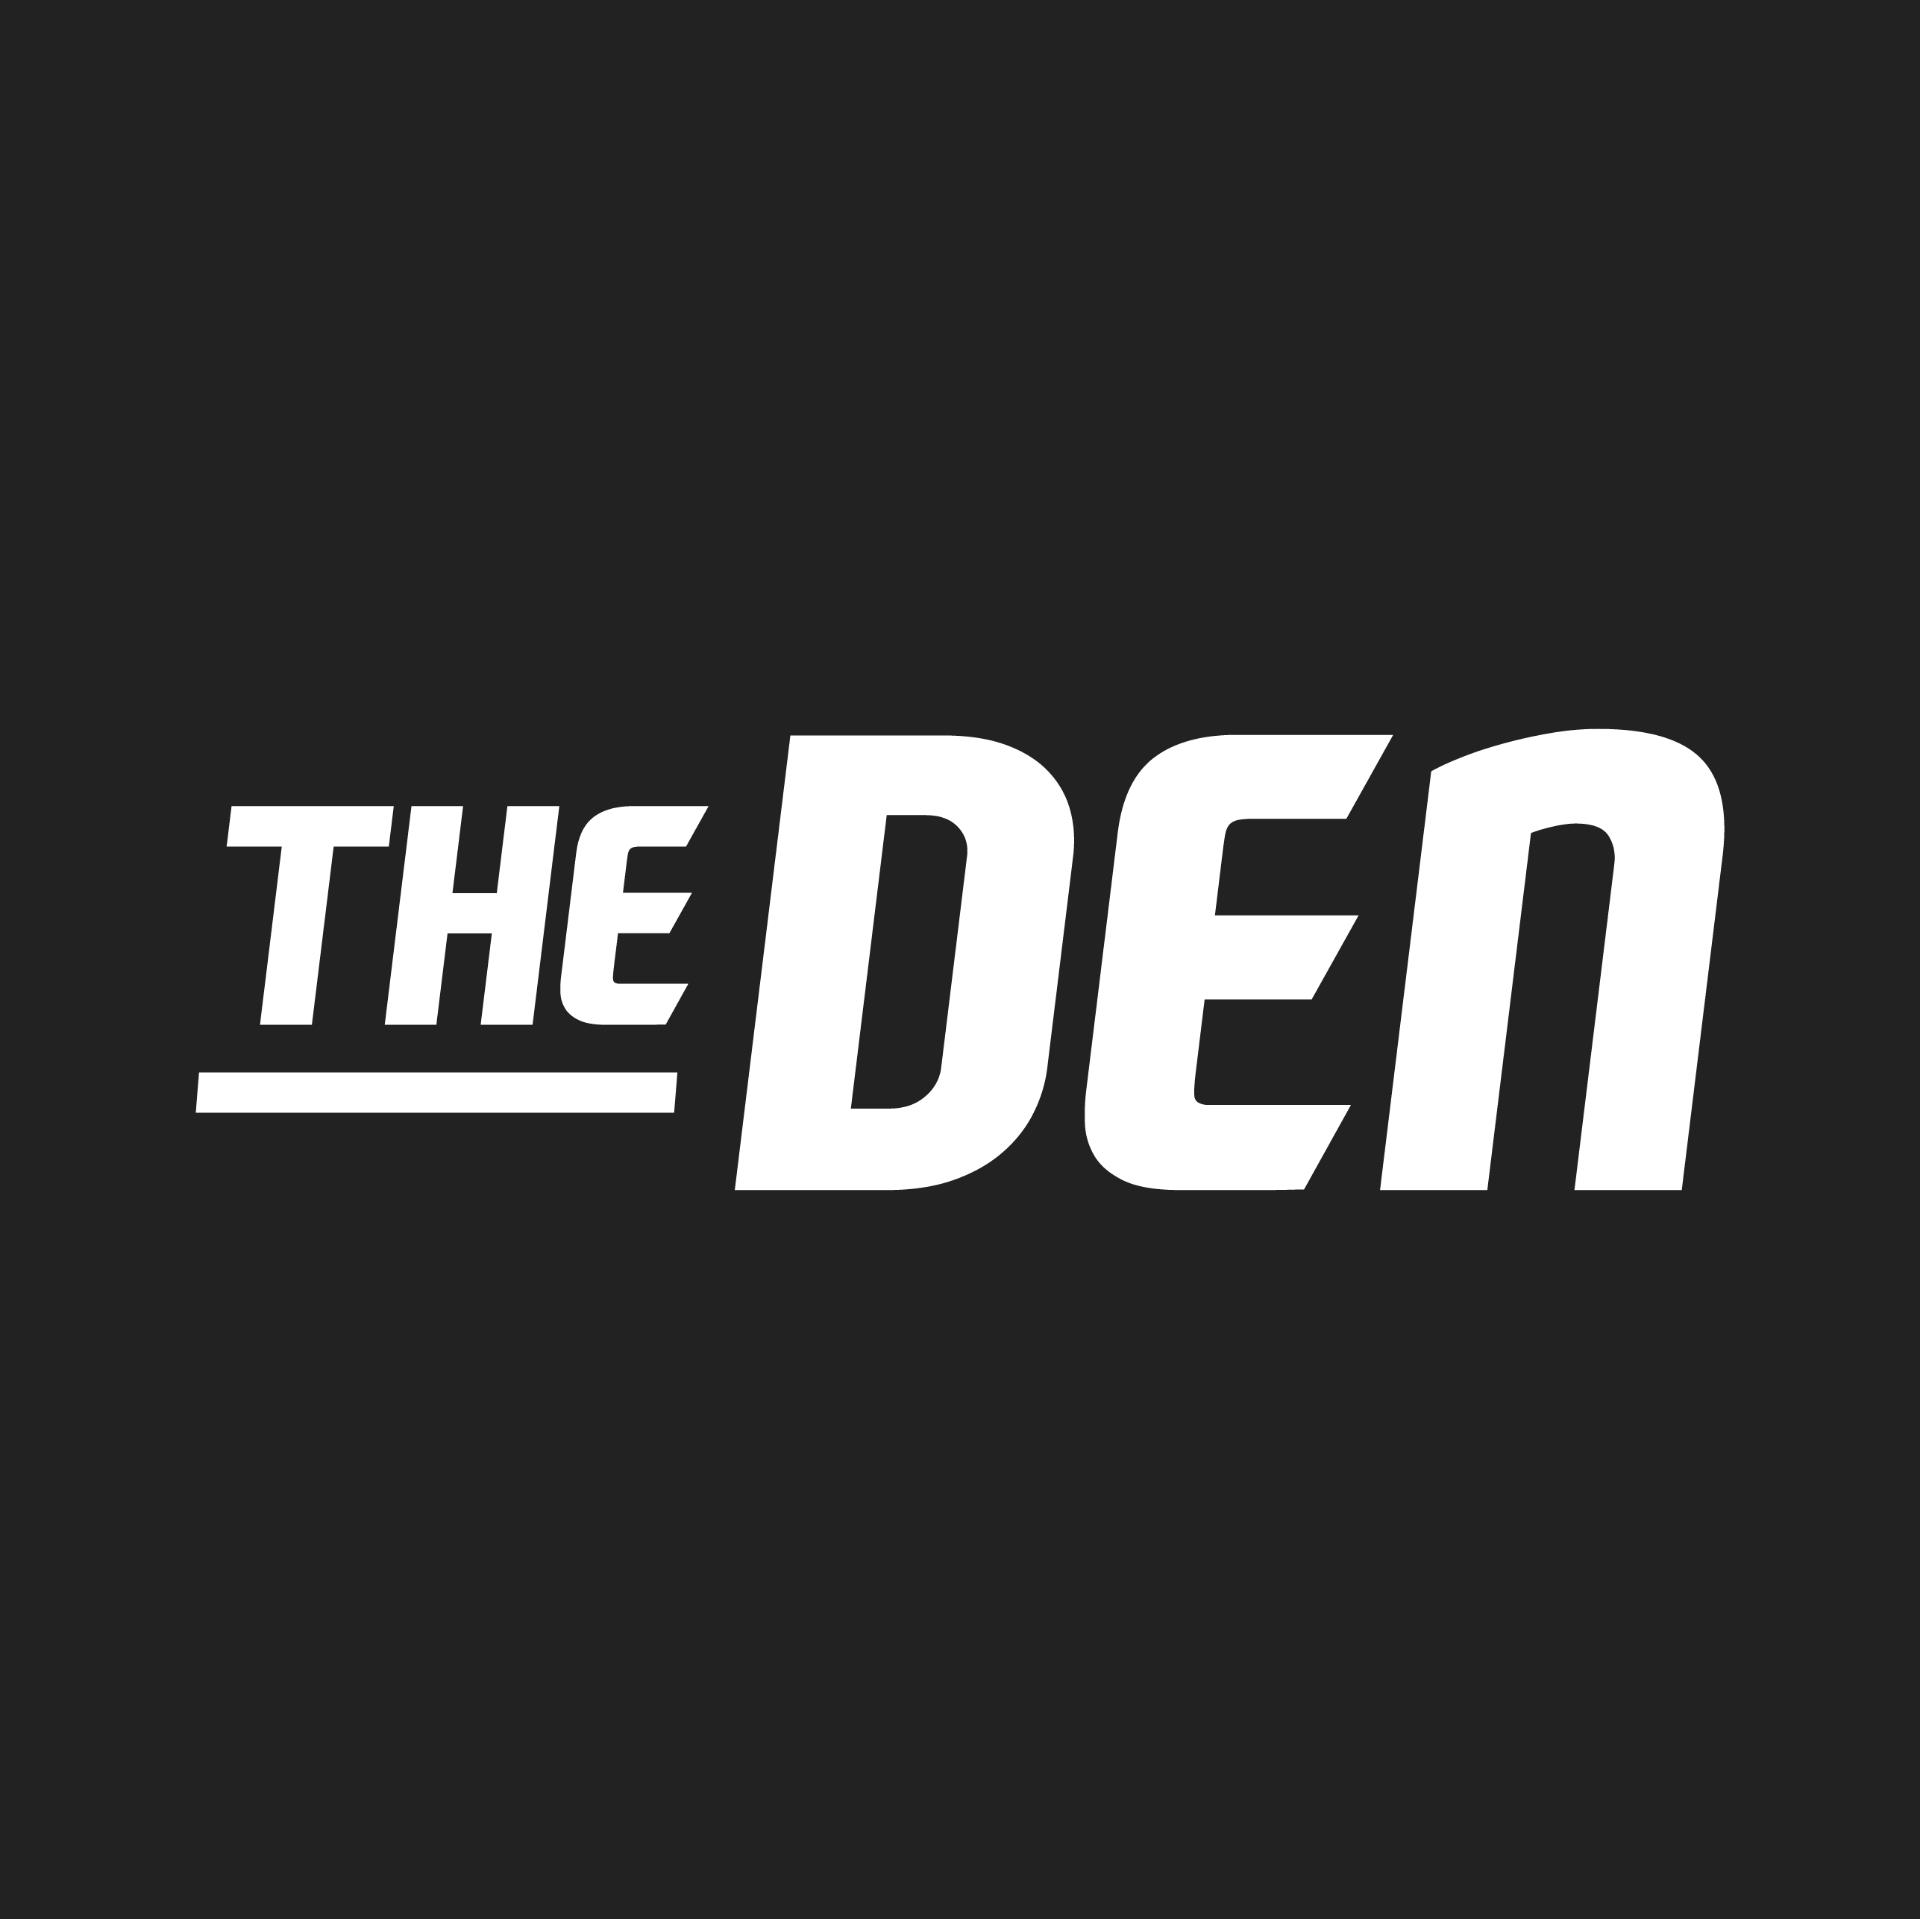 Picture of The Den - Cincinnati vs. UCF